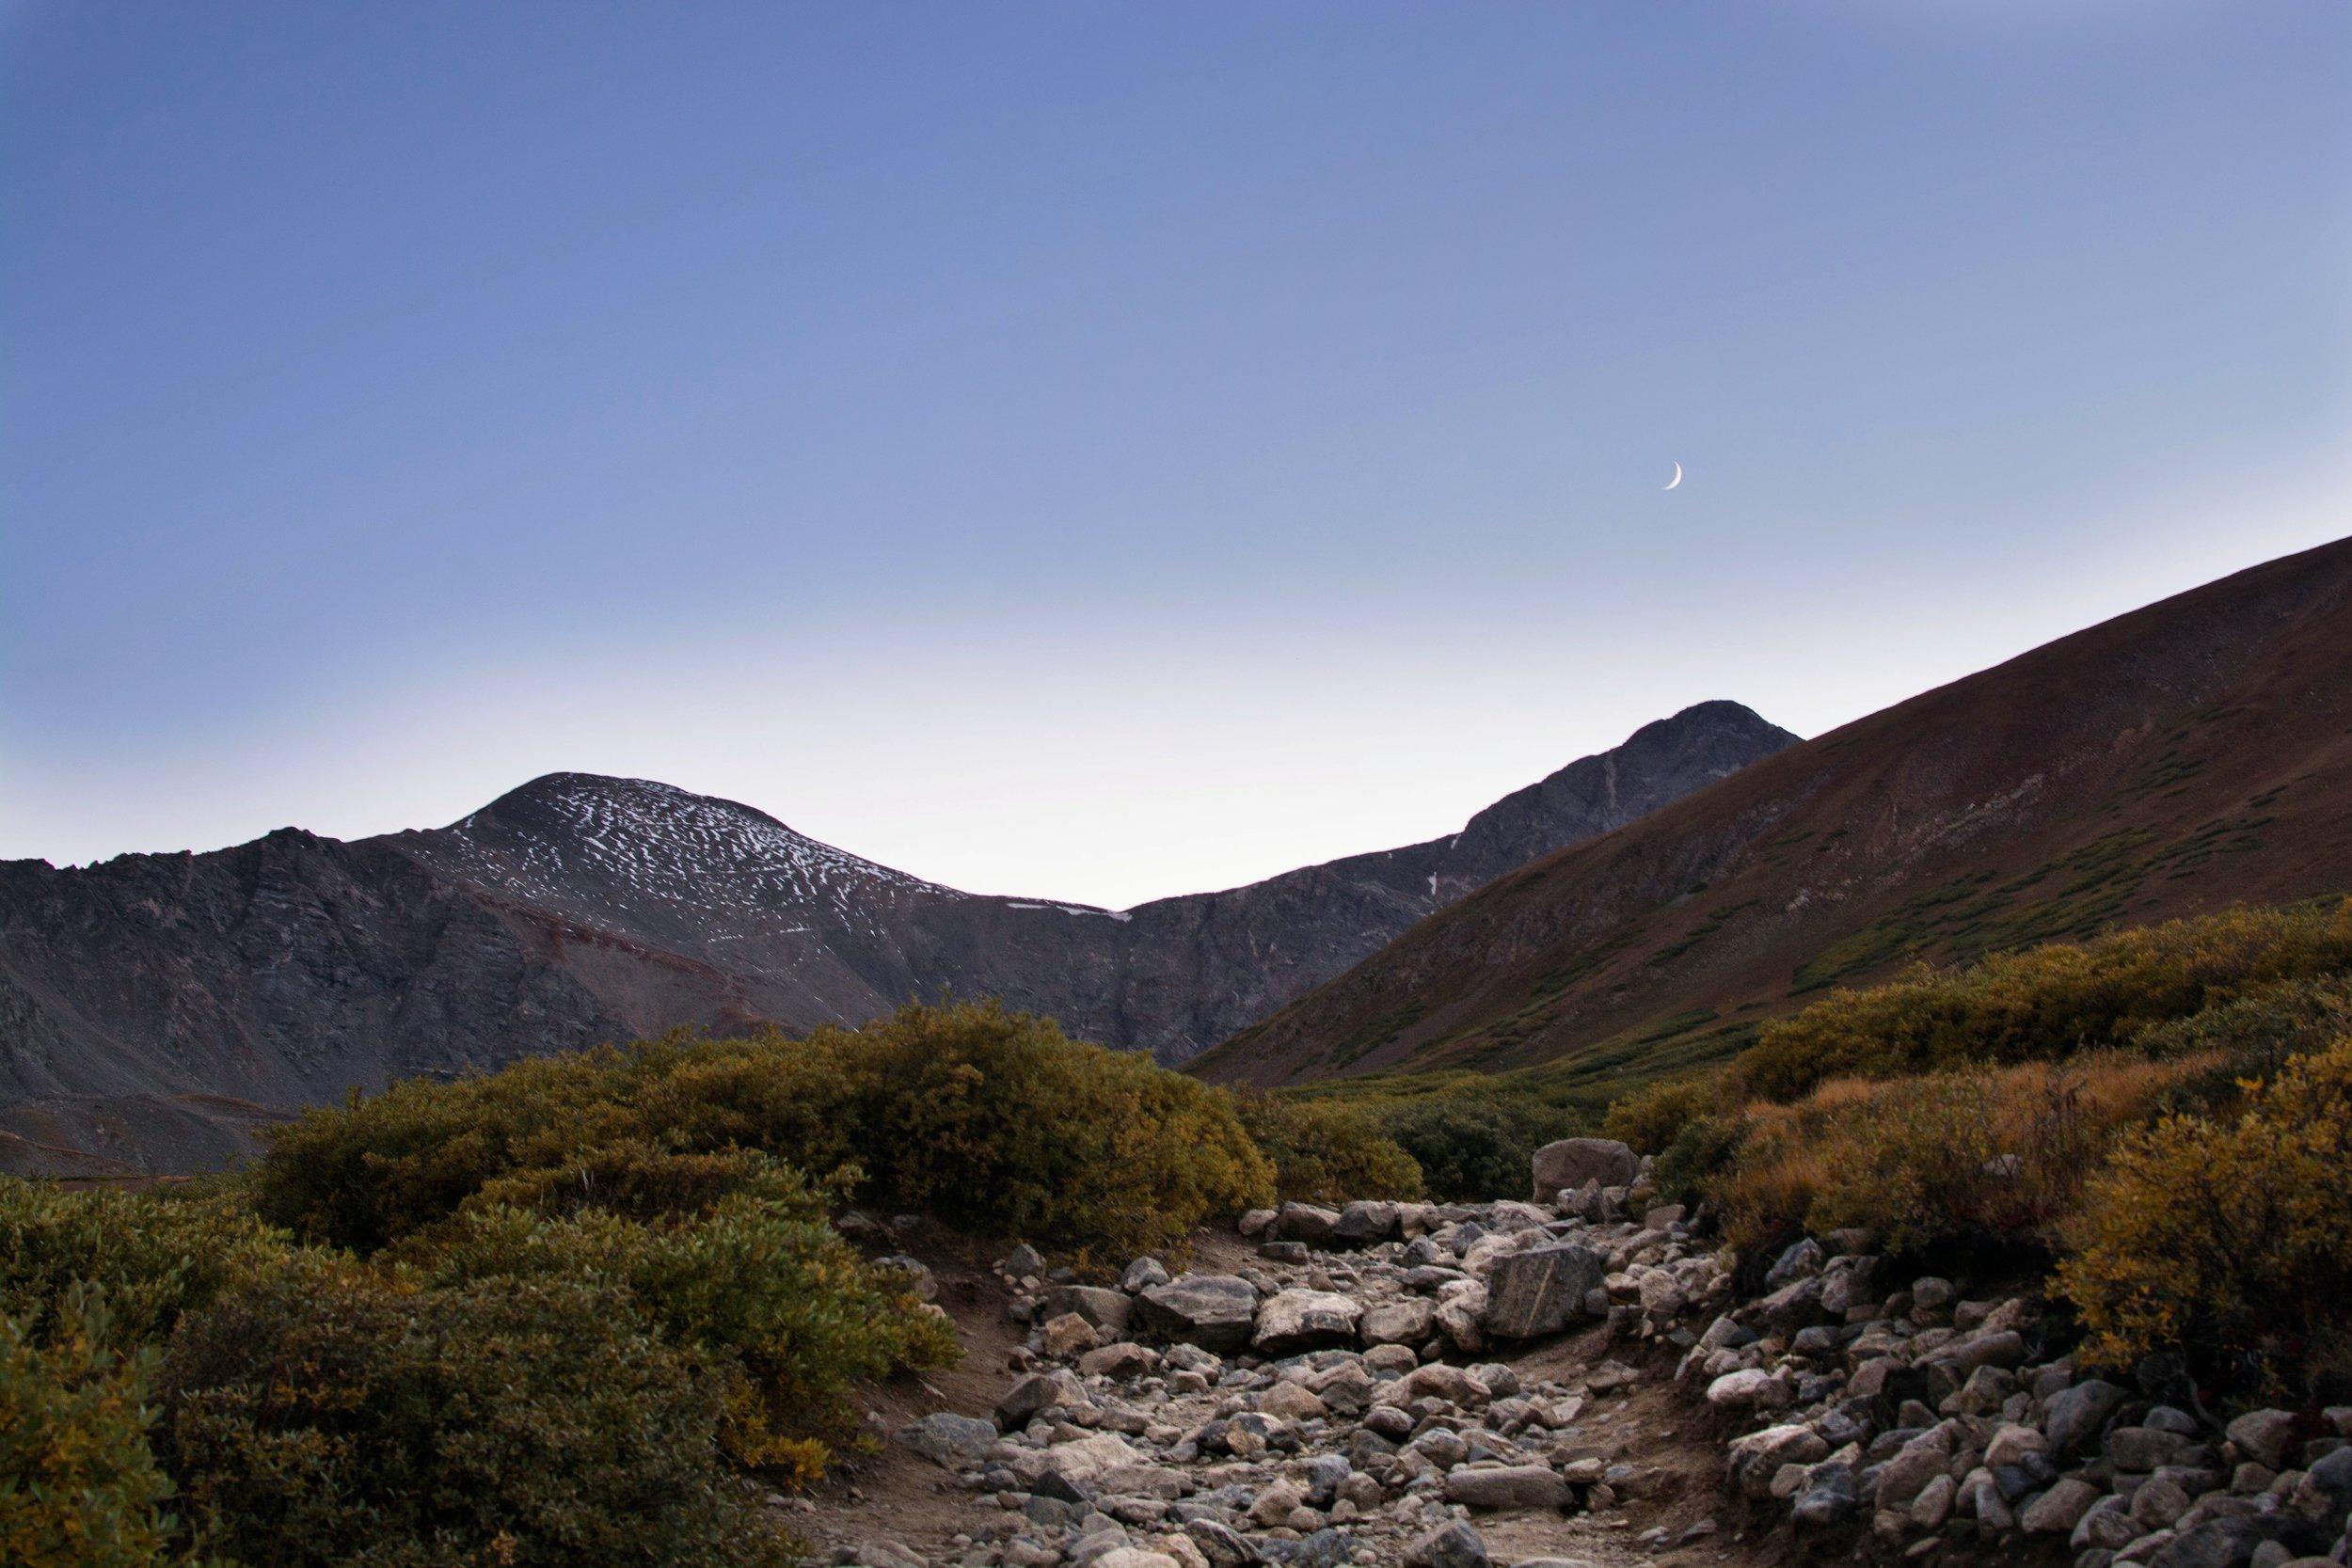 Gray's Peak on the left // Torrey's Peak on the right